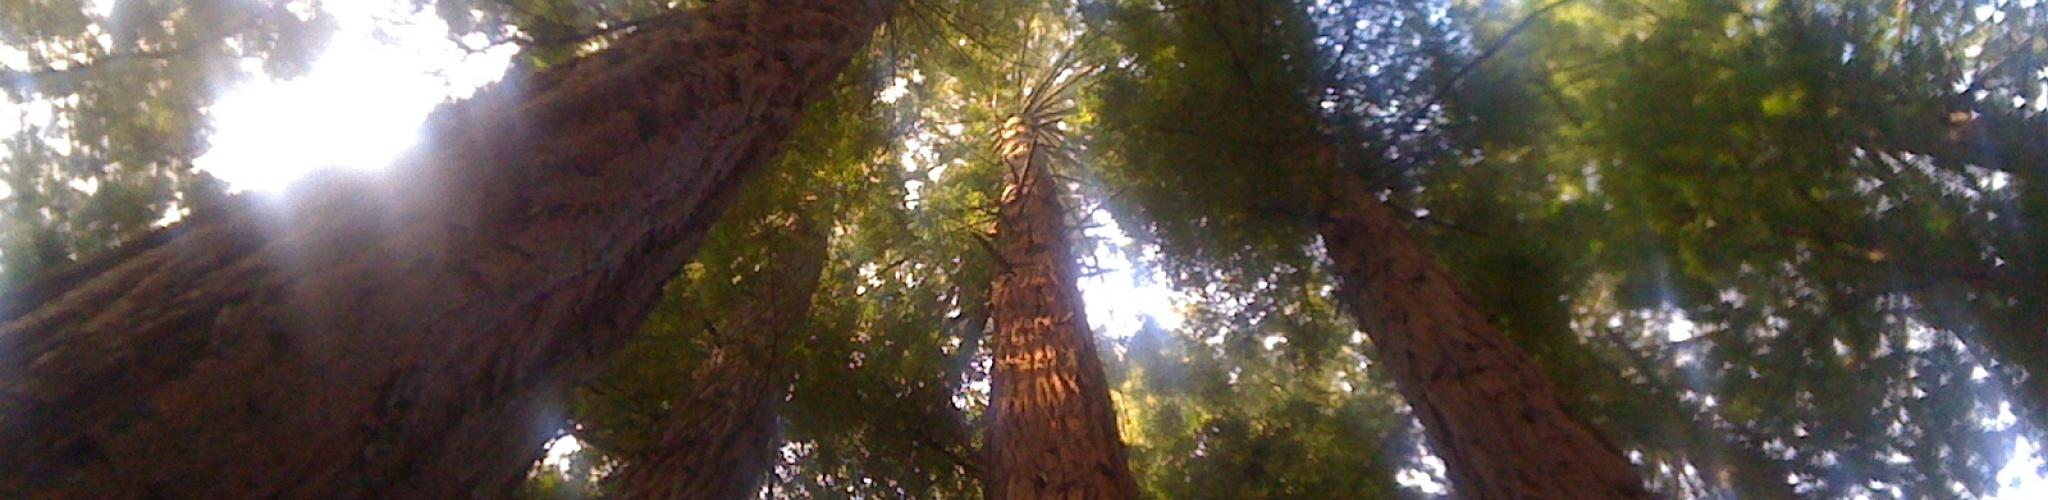 Redwood_Banner.jpg